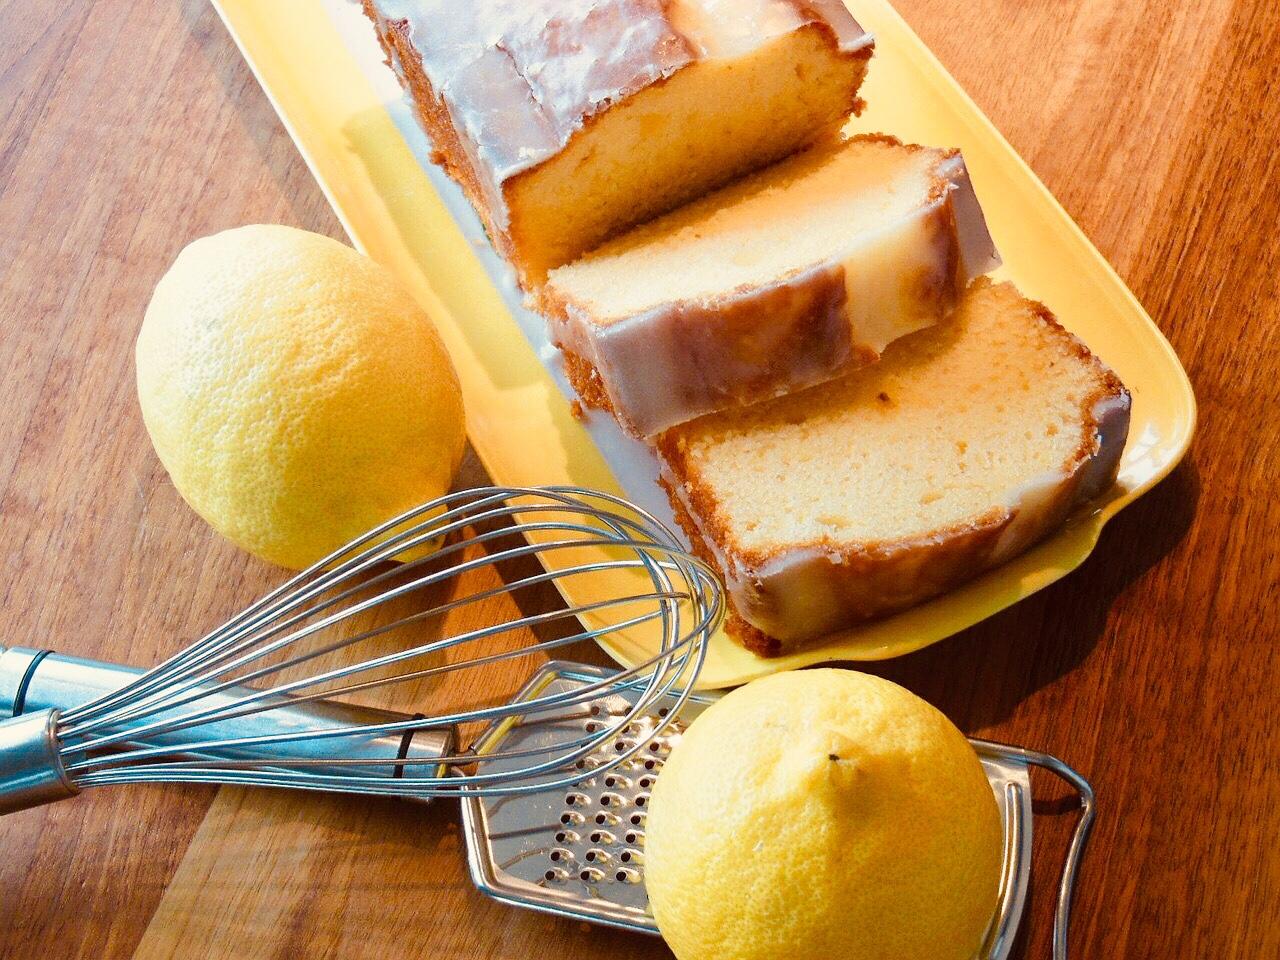 French Lemon Cake (Cake au citron)